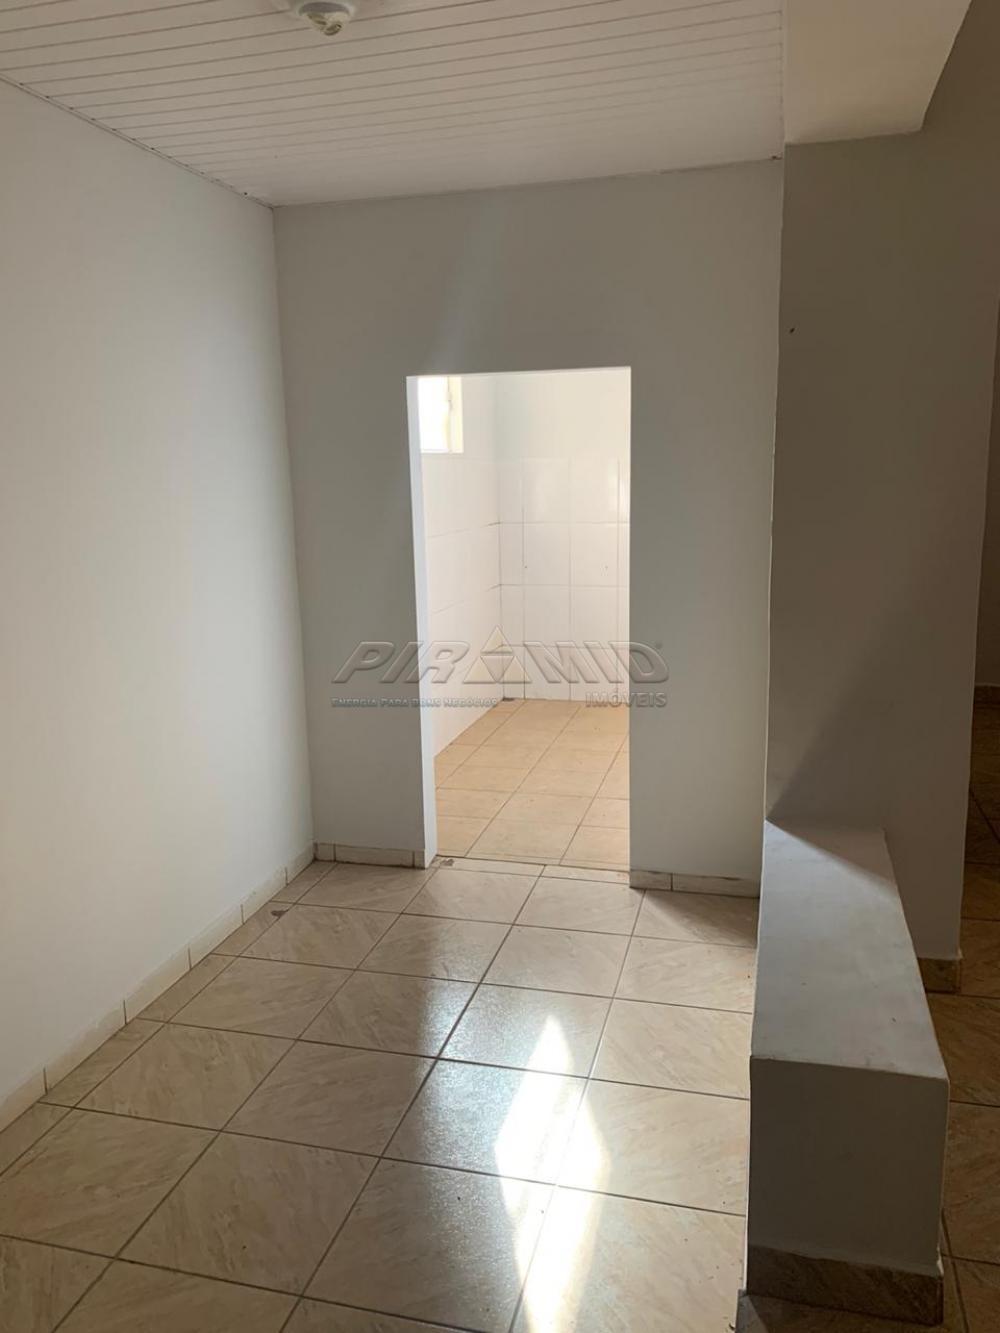 Alugar Comercial / Prédio em Ribeirão Preto apenas R$ 4.500,00 - Foto 11